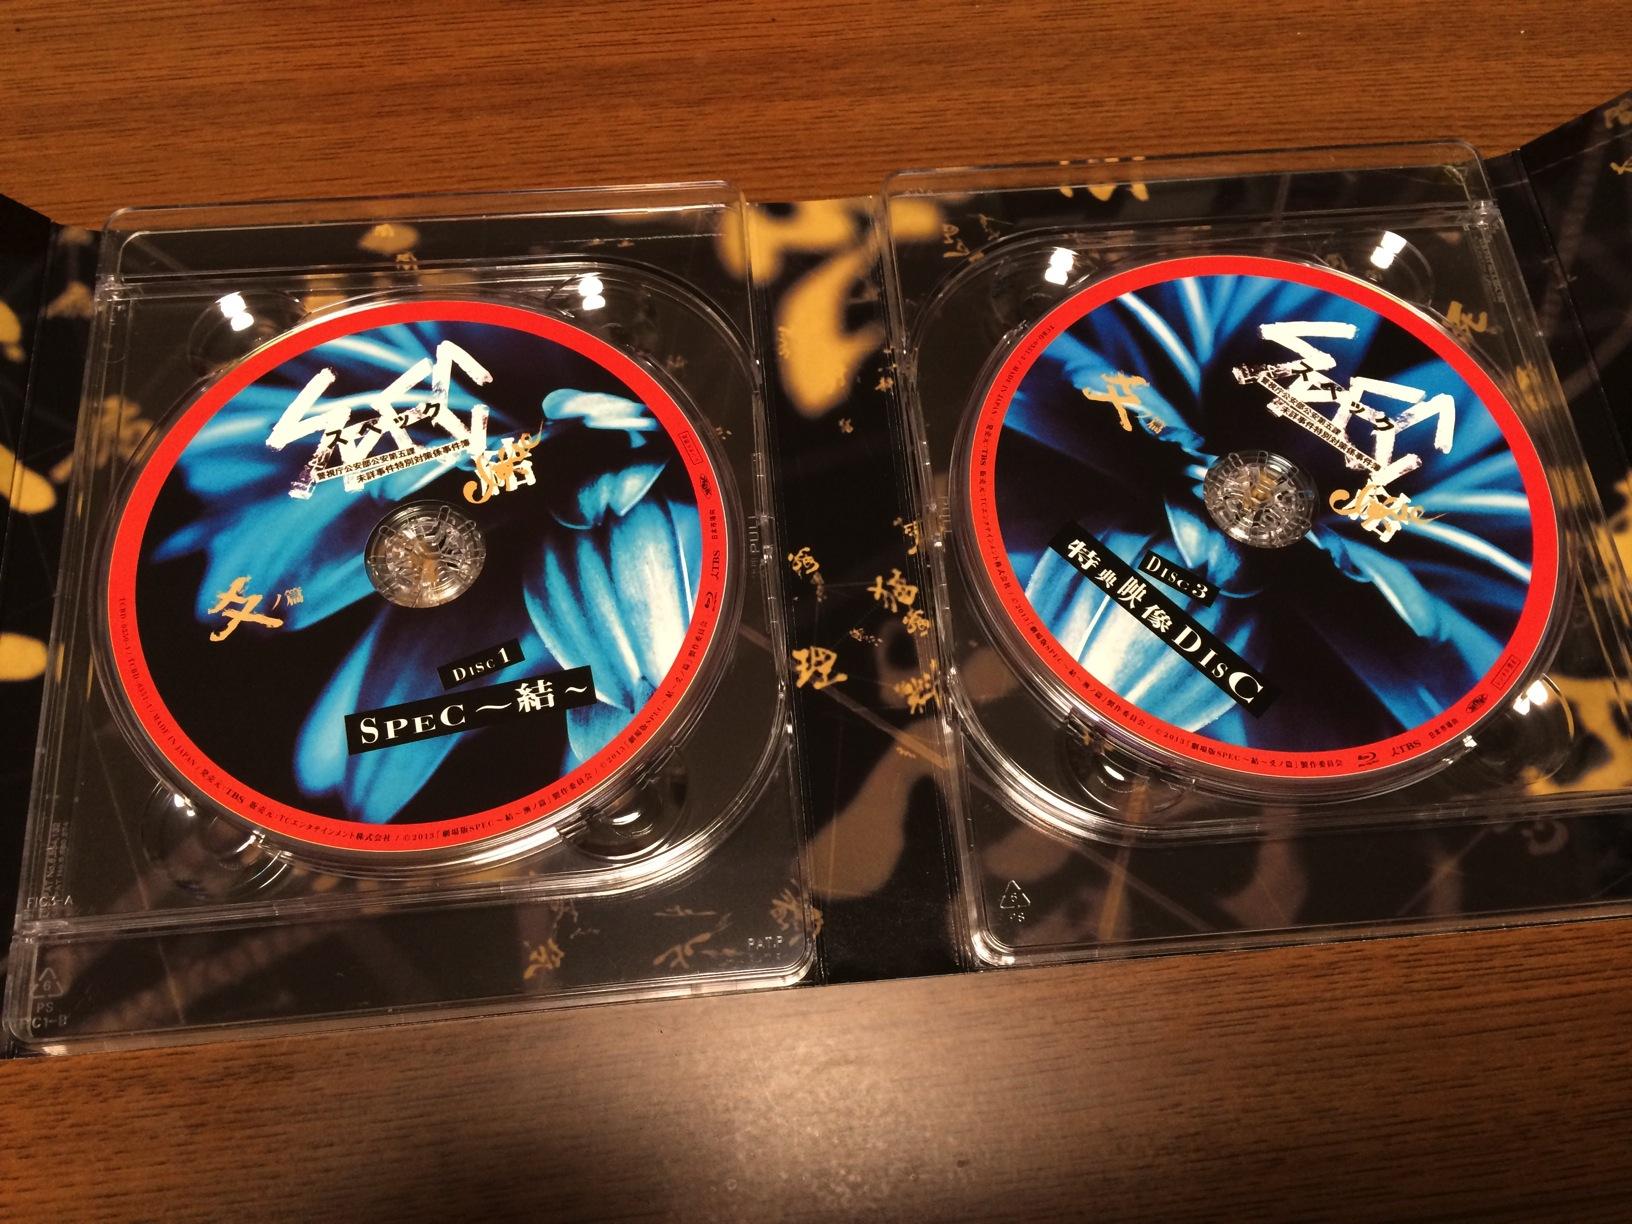 Spec close kounohen dvd blu ray 05